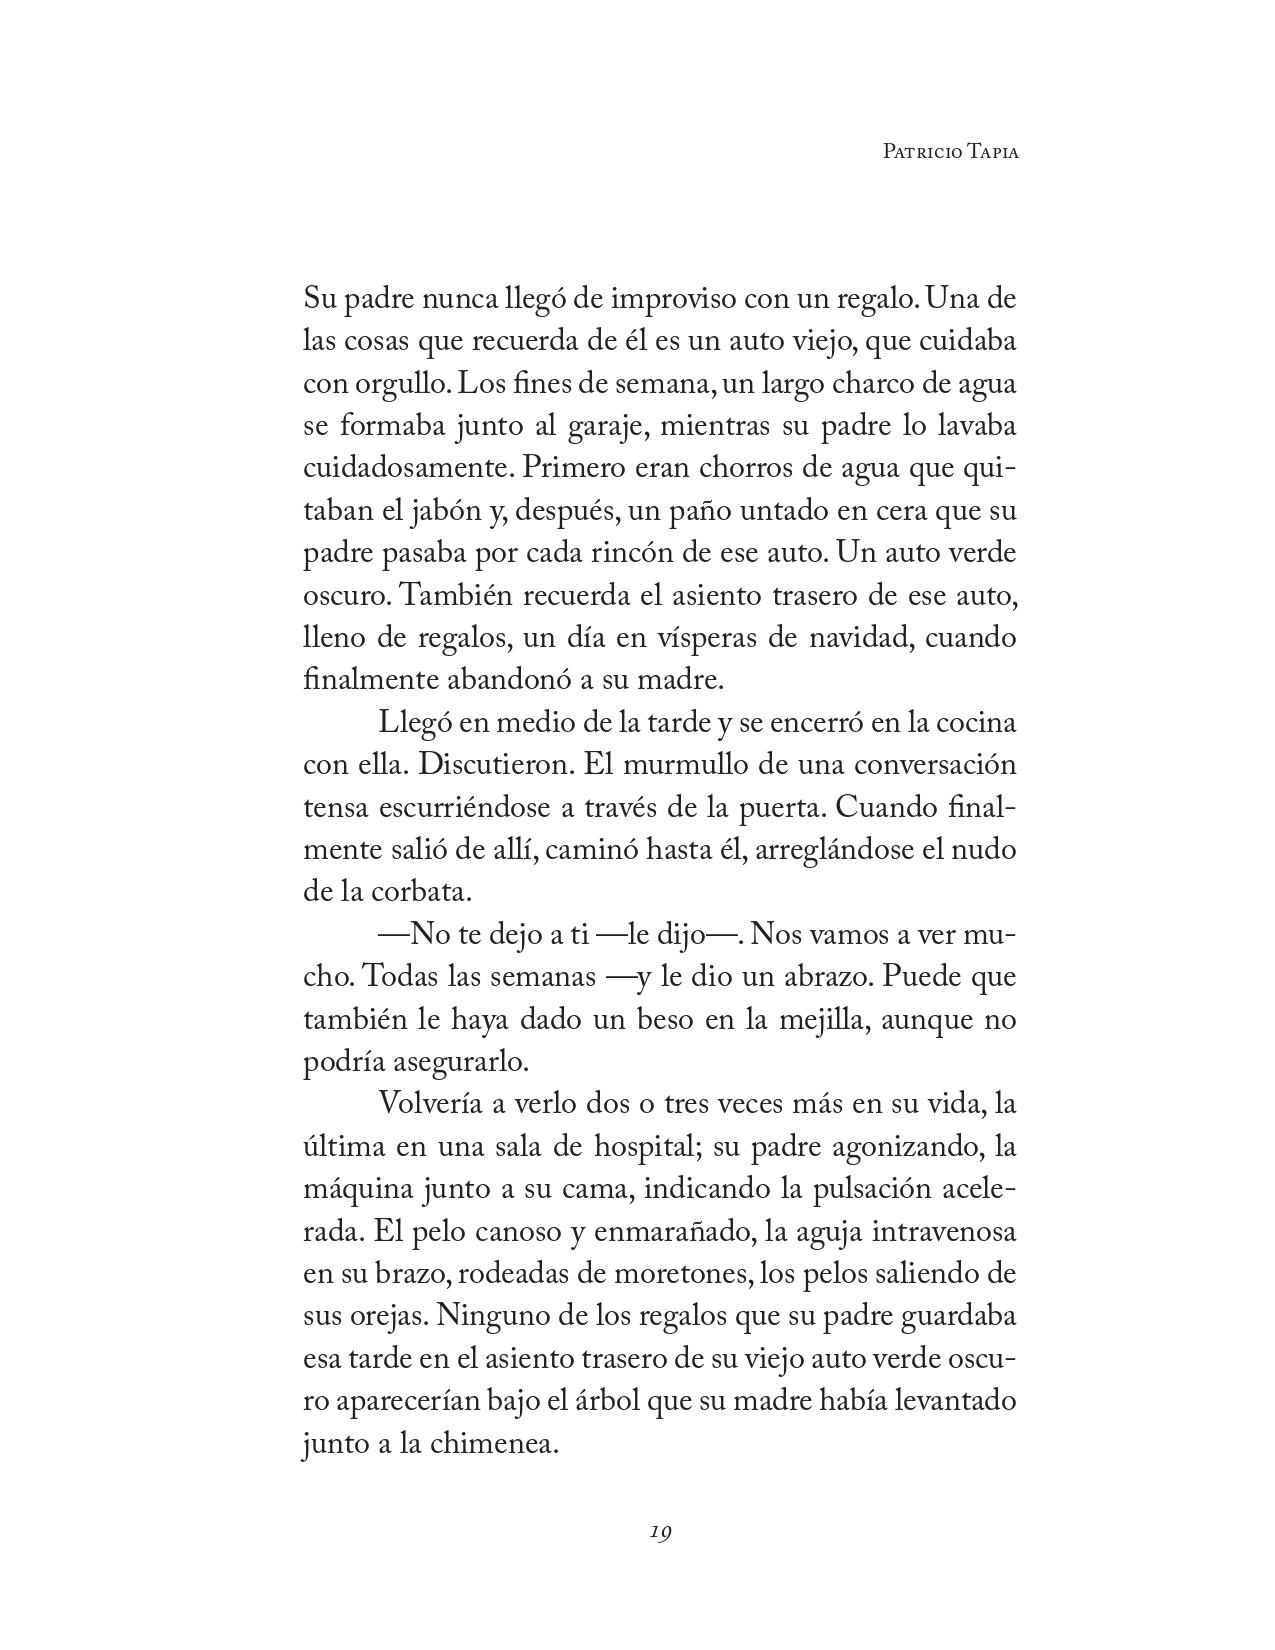 Adelanto_Hombres_Inofensivos_Patricio_Tapia_page-0016